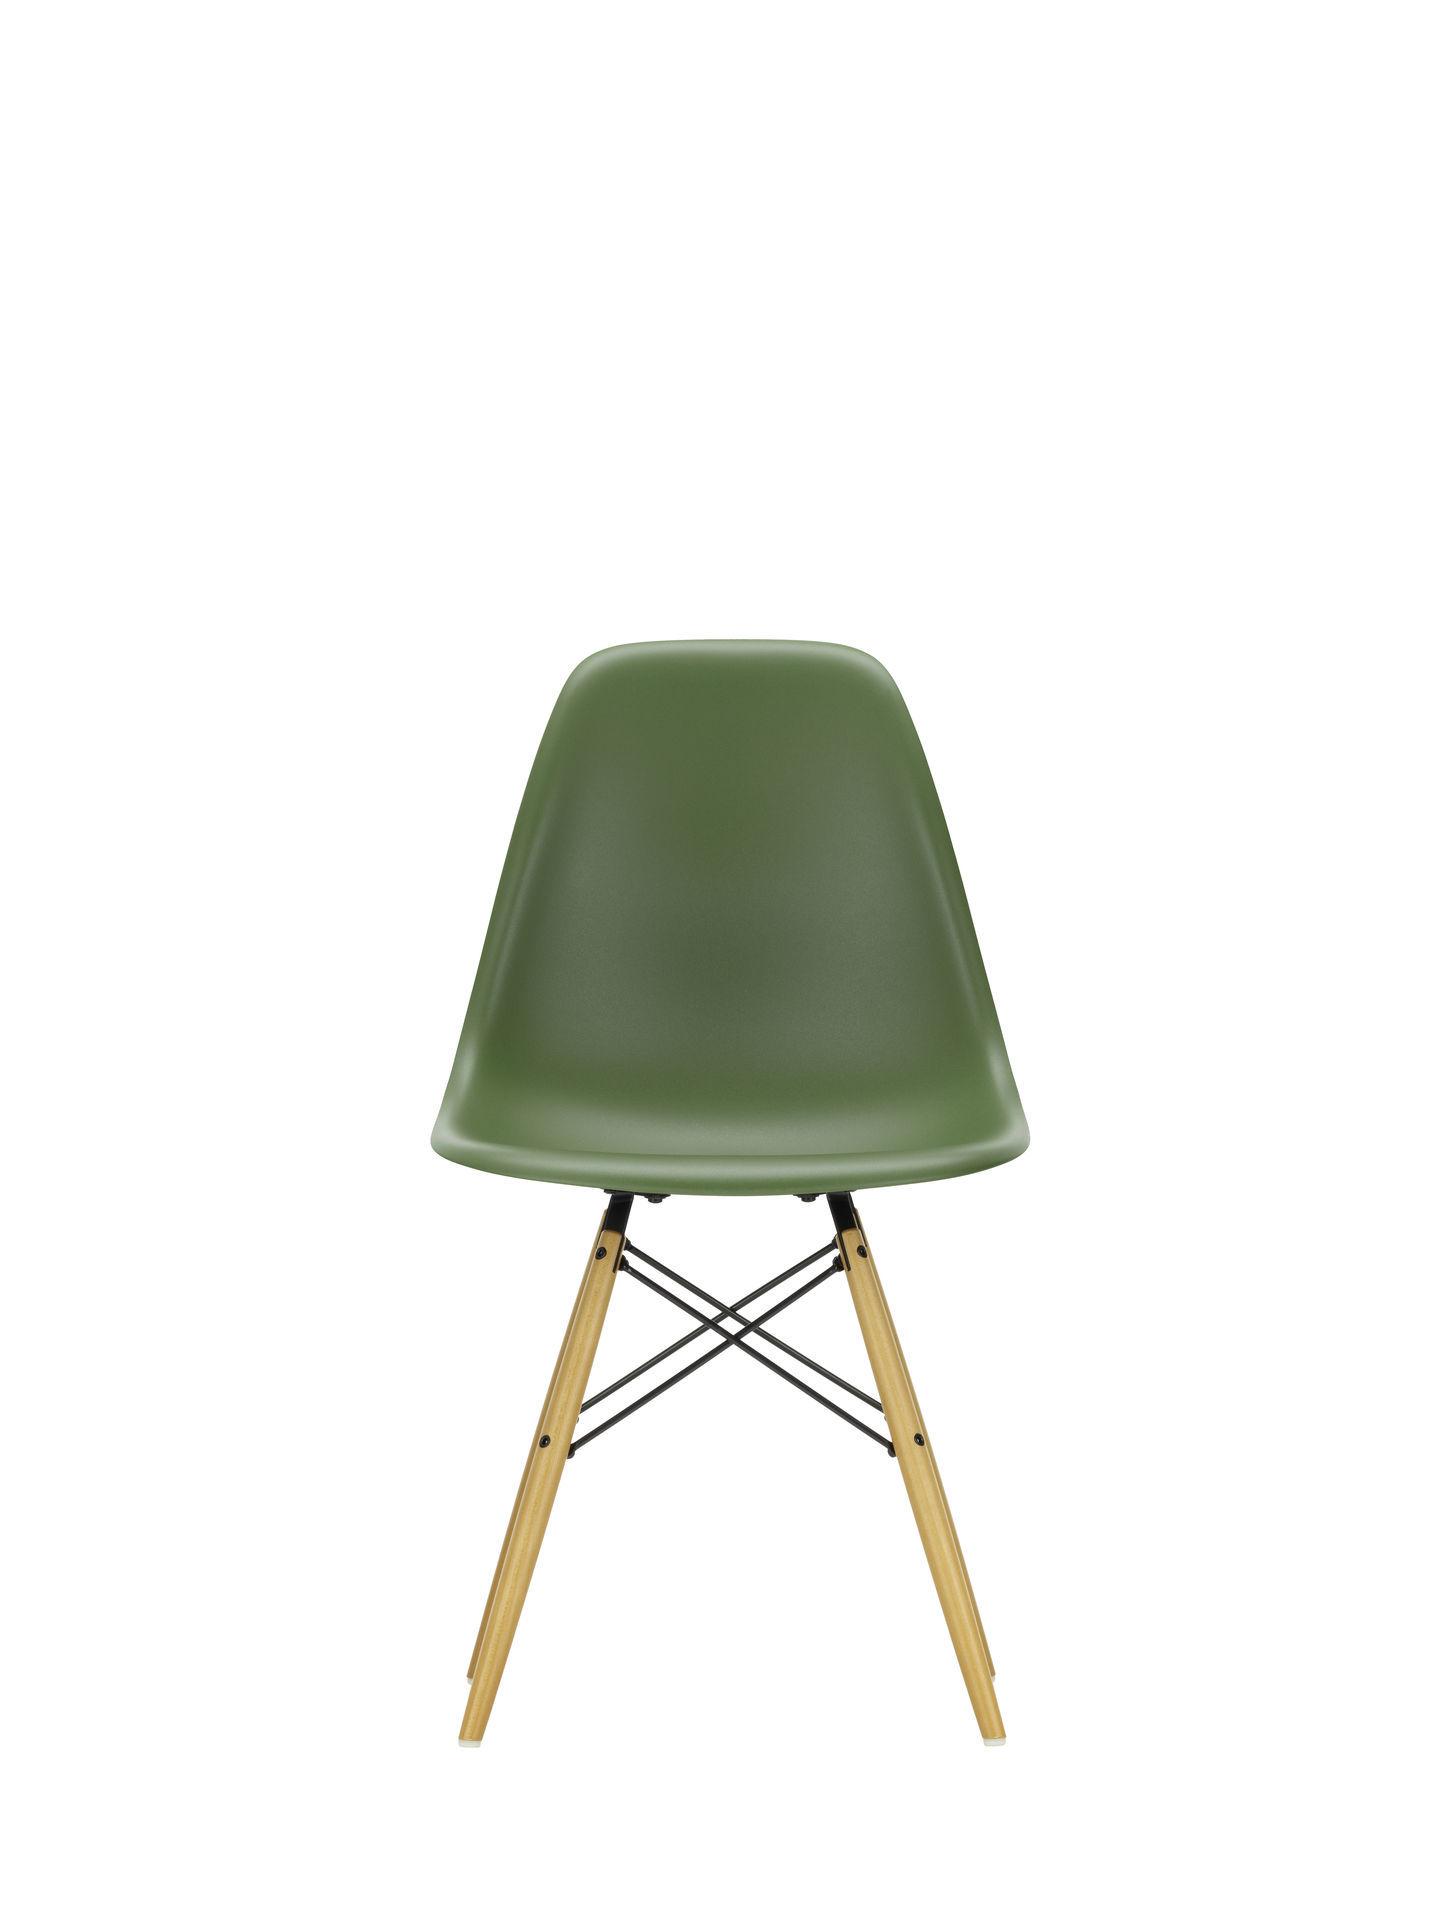 Eames Plastic Side Chair DSW Vitra Ahorn gelblich-Tiefschwarz